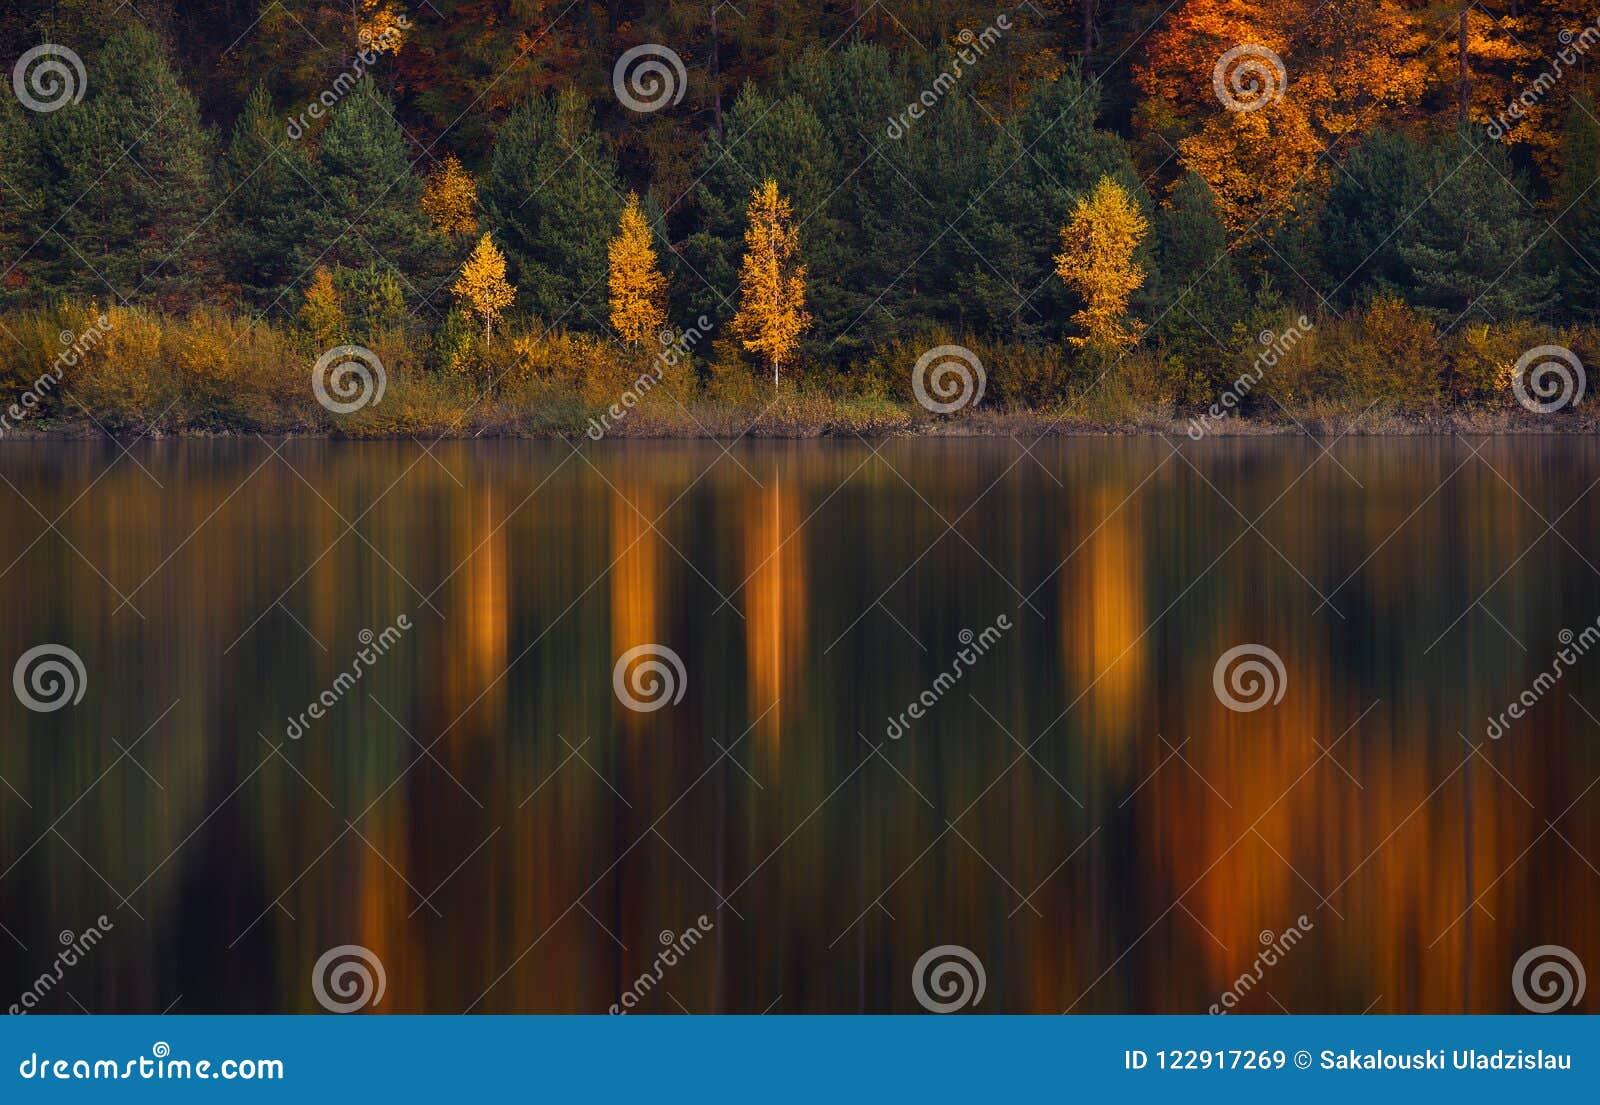 Autumn Landscape With Four Birches mit gelbem Laub und ihre schöne farbige Reflexion im ruhigen Wasser von einem kleinen Mounta